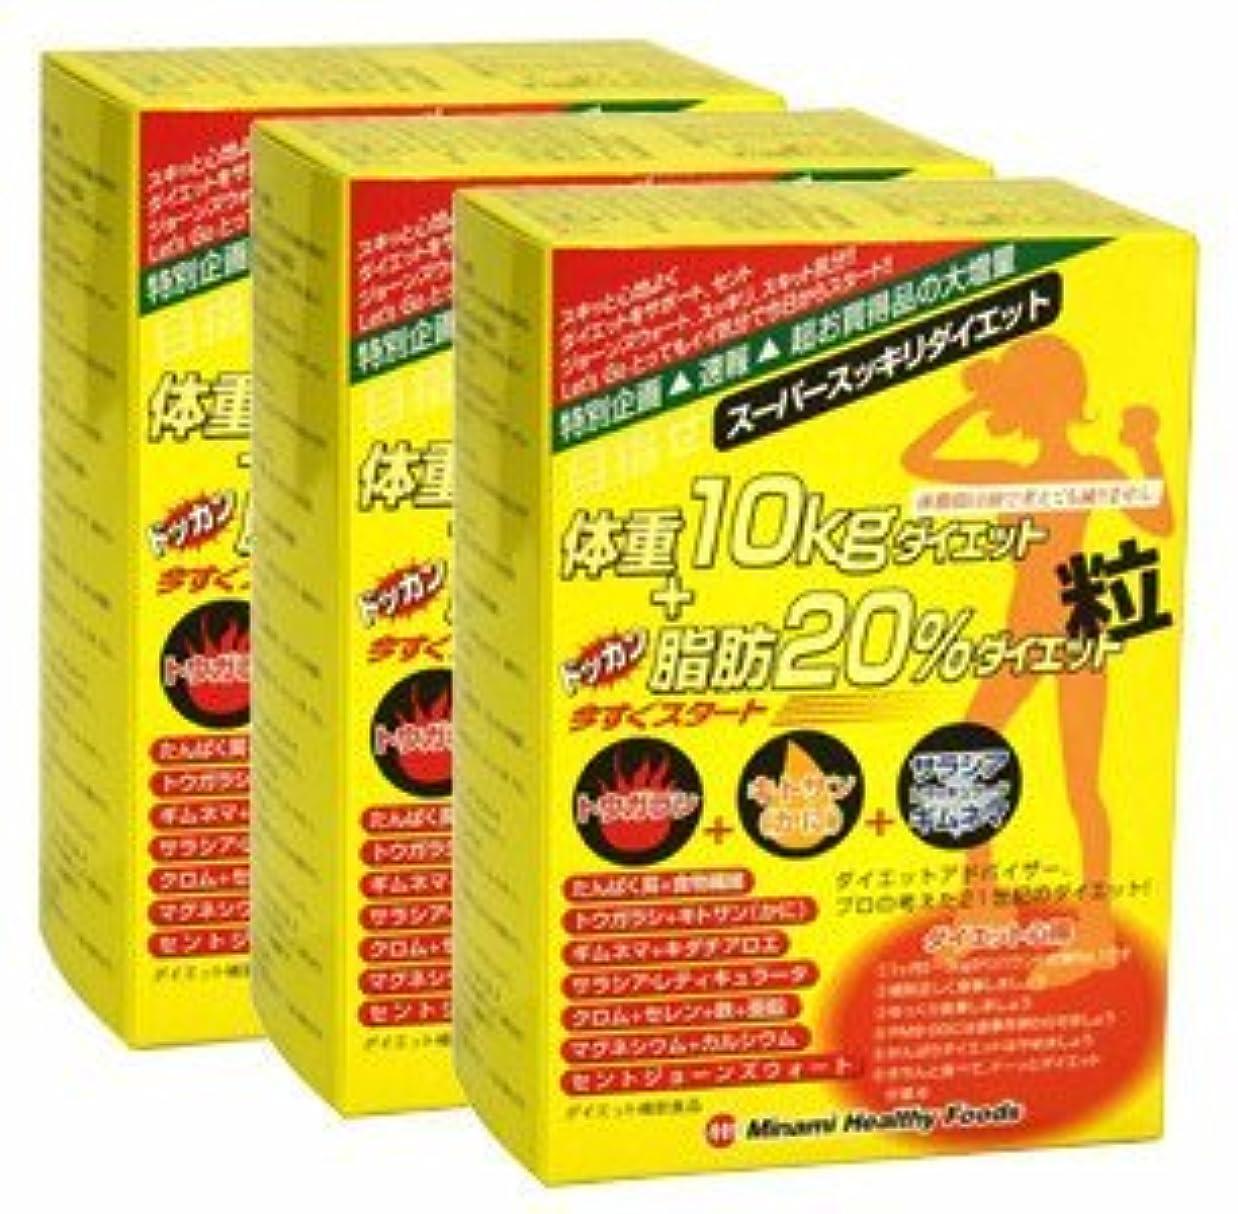 専門マトンペンフレンド目指せ体重10kg+ドッカン脂肪20%ダイエット粒【3箱セット】ミナミヘルシーフーズ